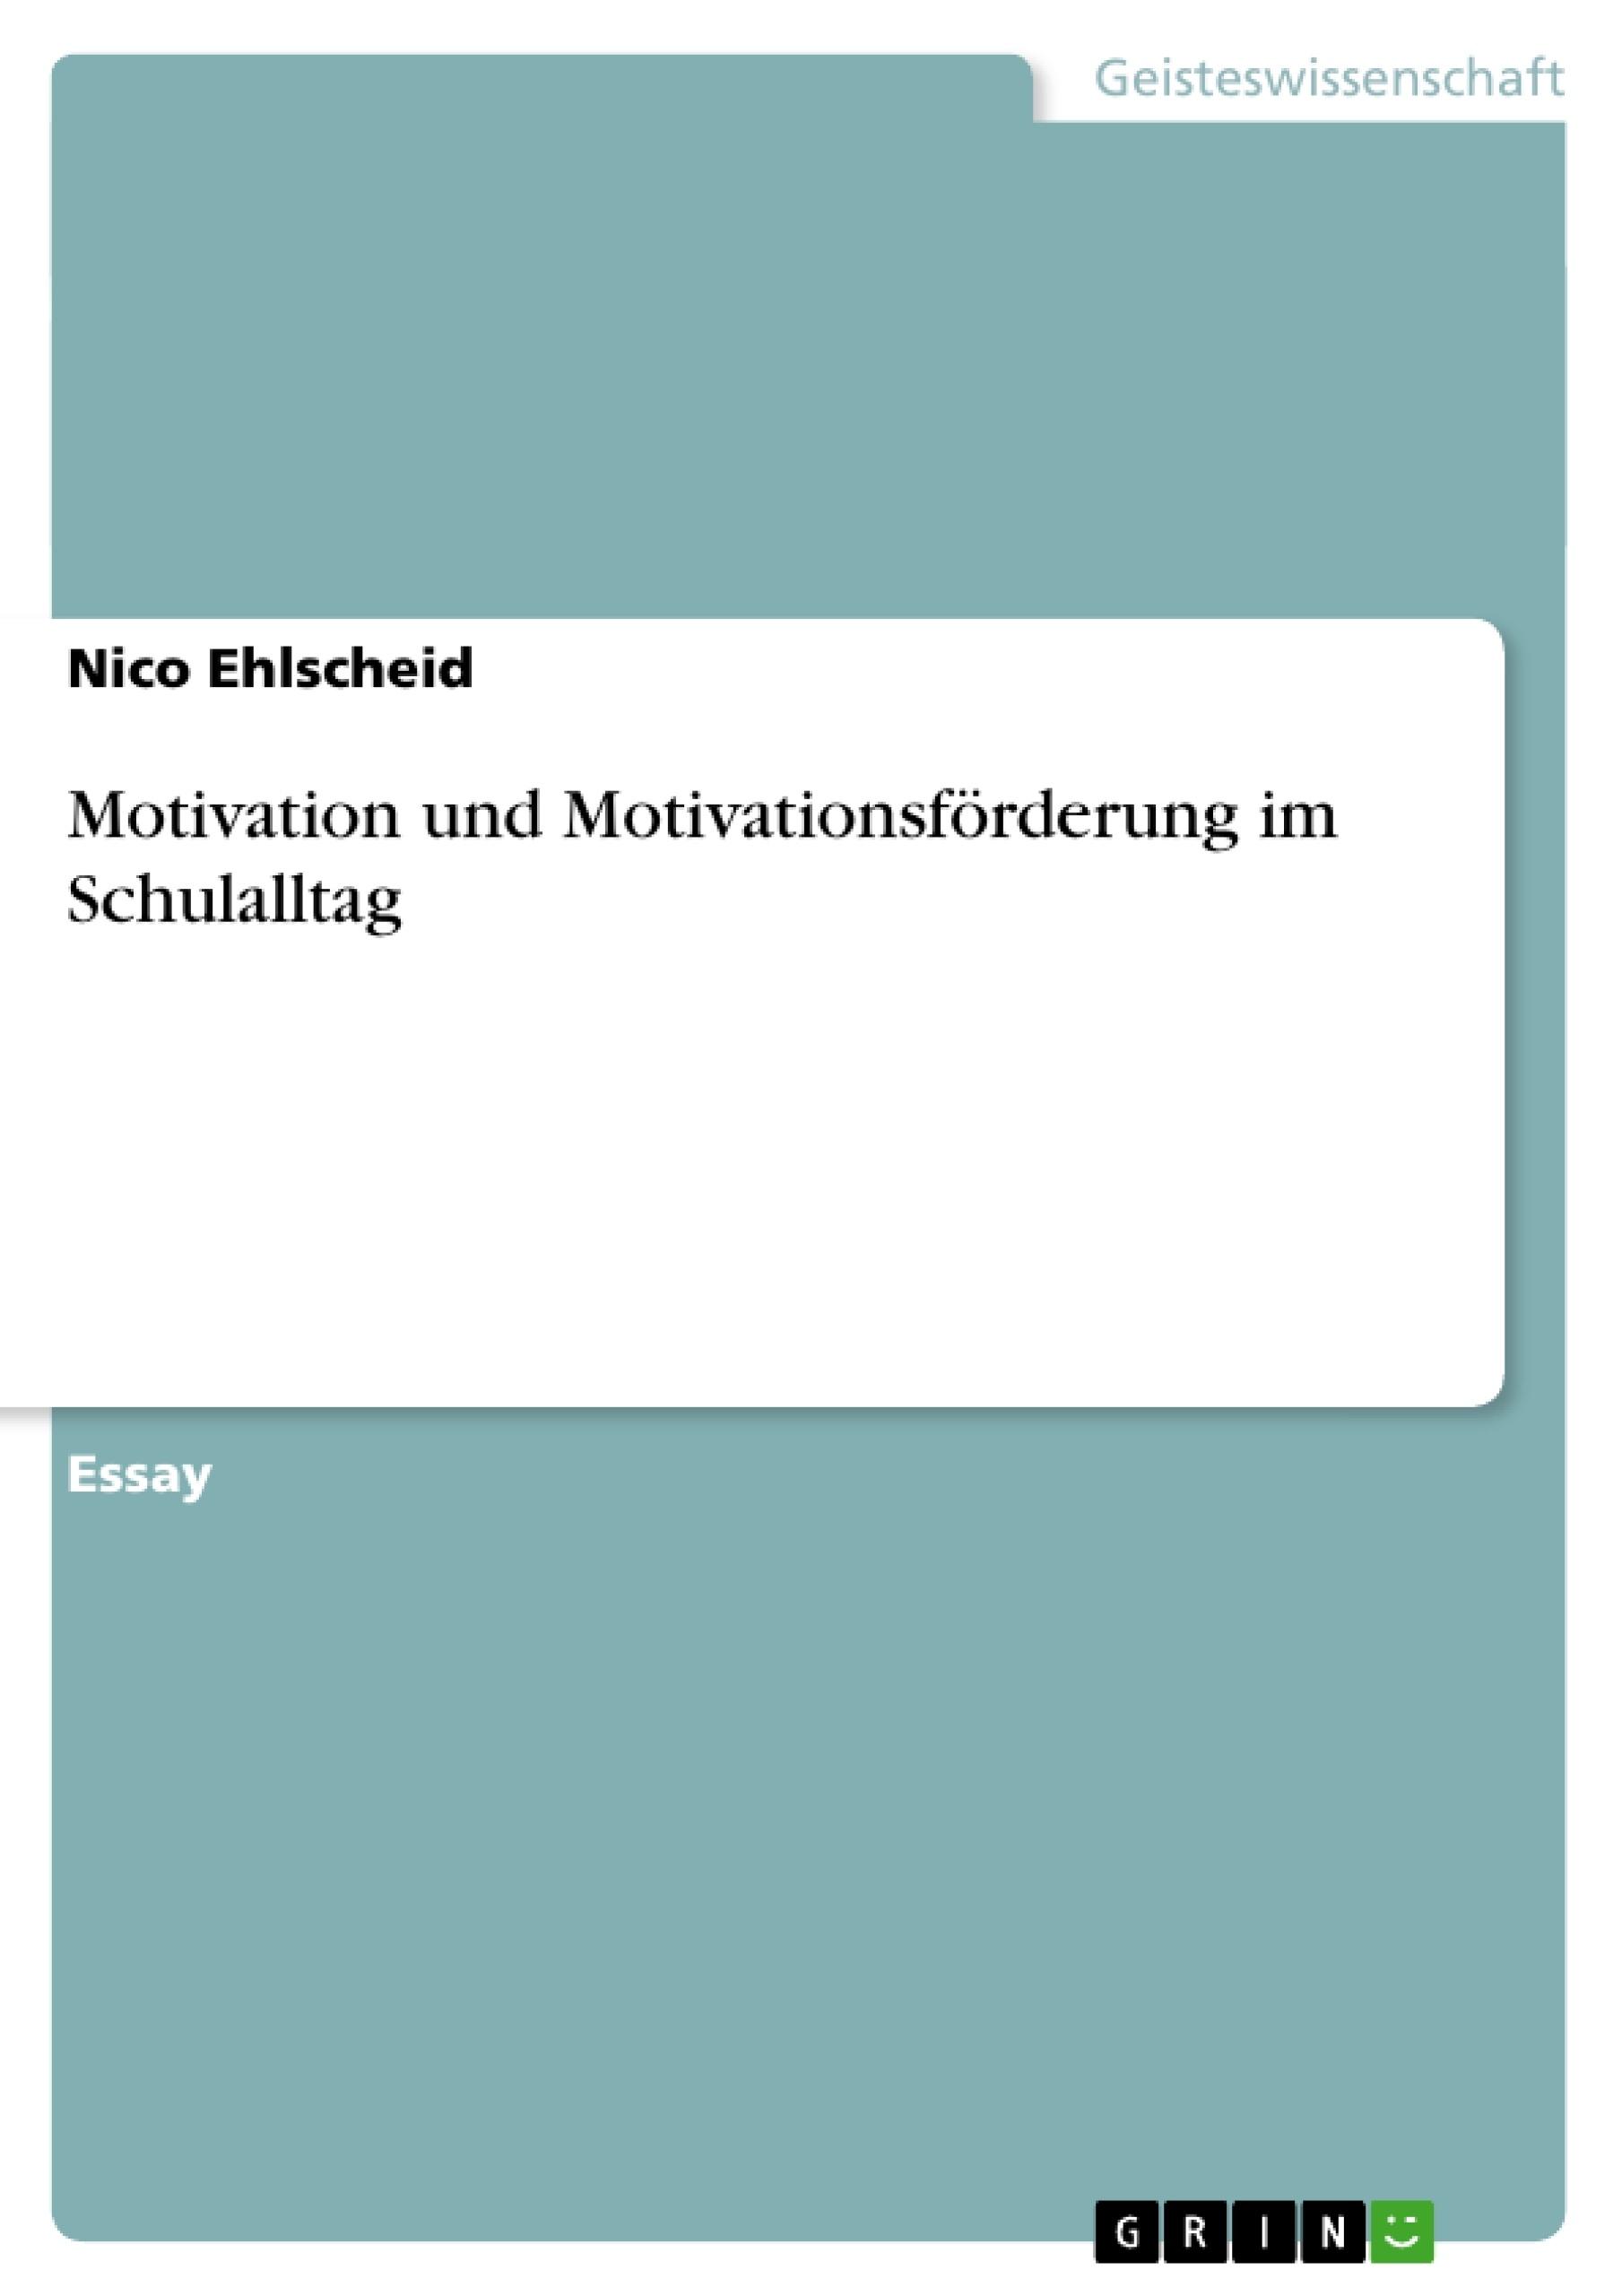 Titel: Motivation und Motivationsförderung im Schulalltag